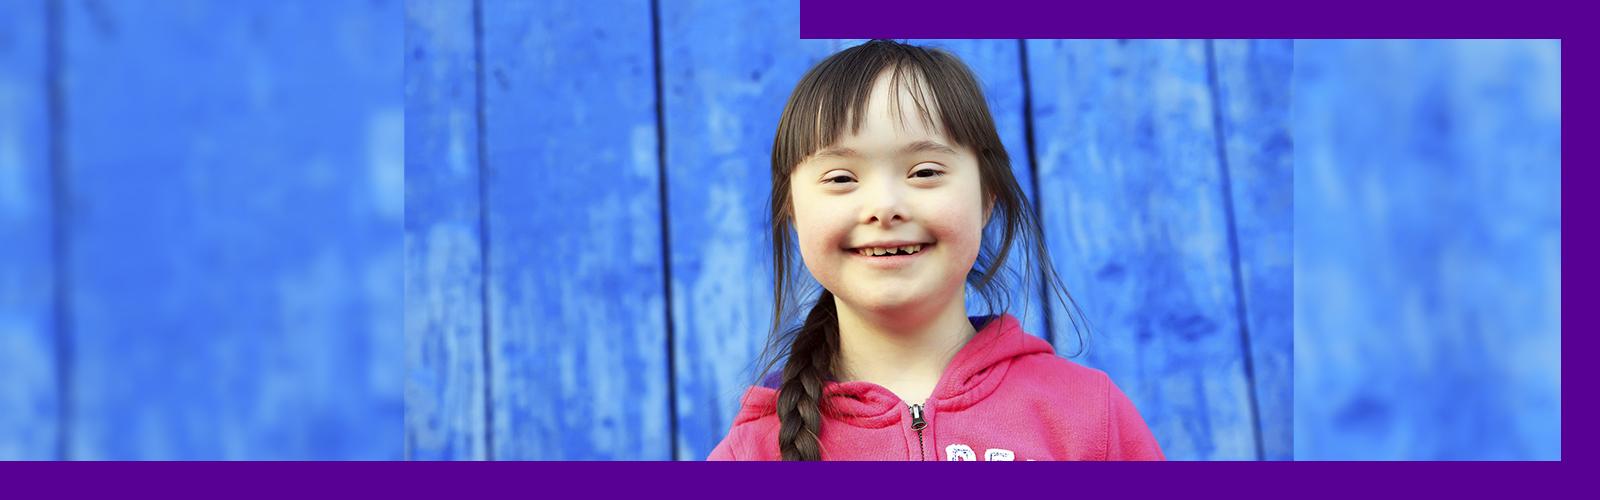 Síndrome de Down: como combater os preconceitos e promover a inclusão